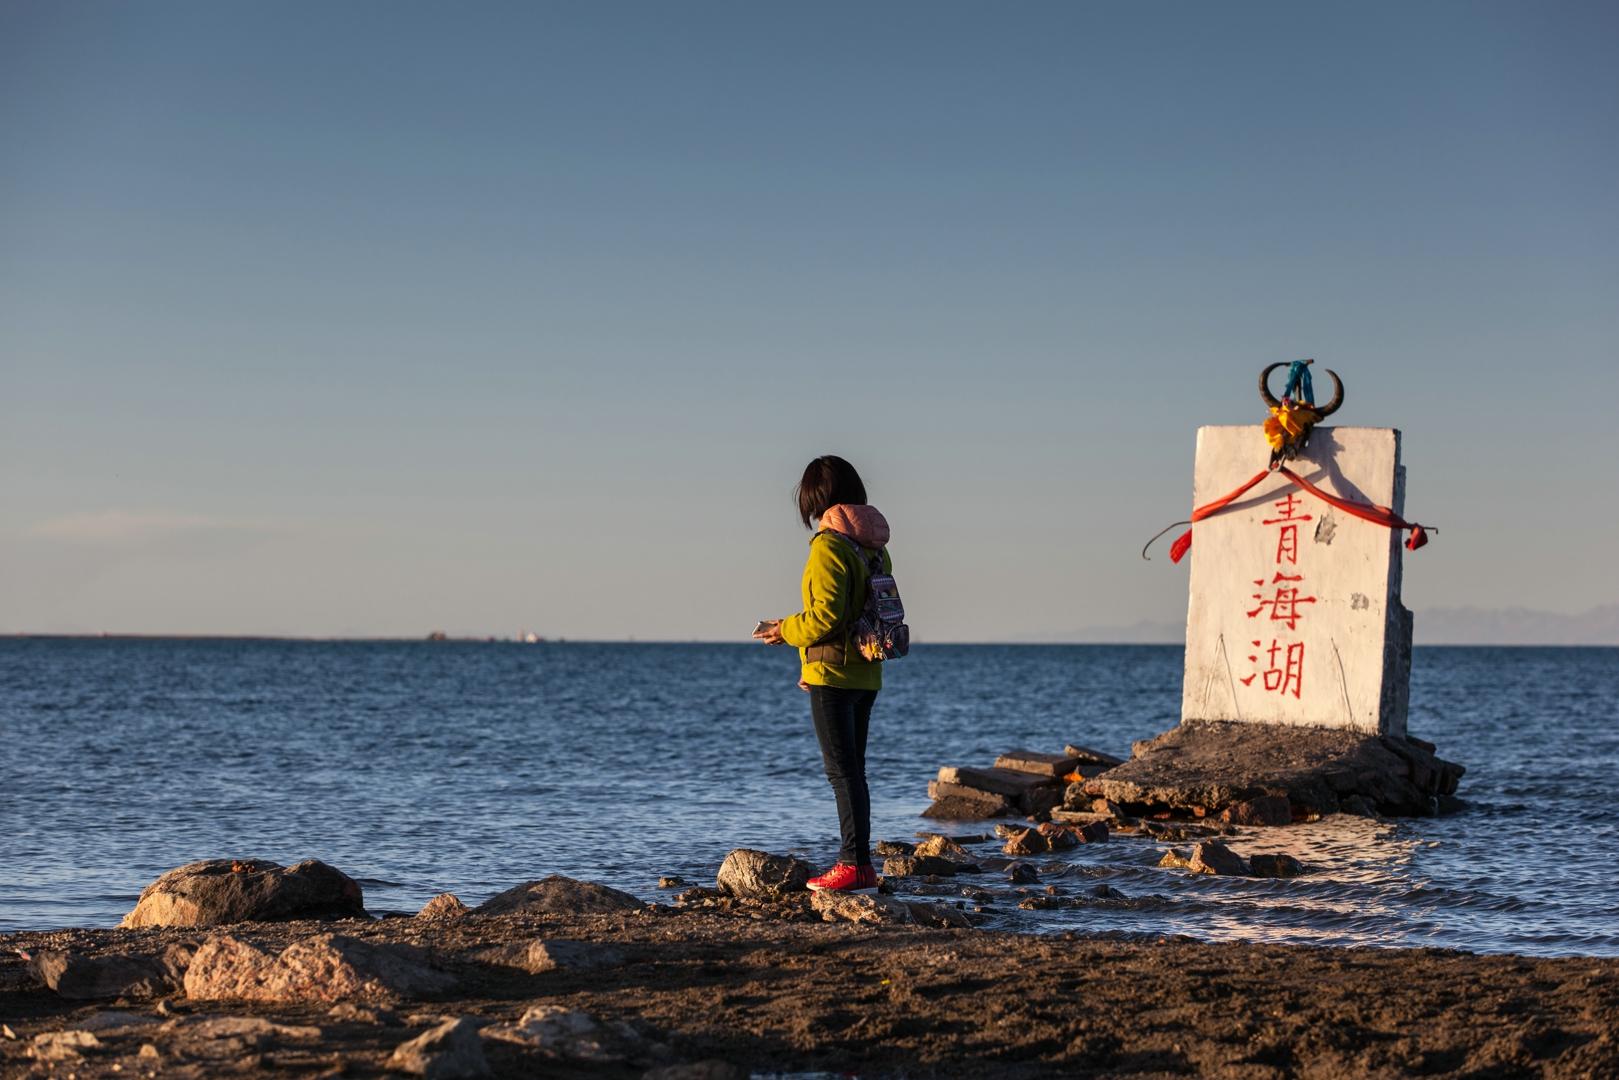 第5天 2014-10-05 小柴达木湖 二郎剑景区 青海湖